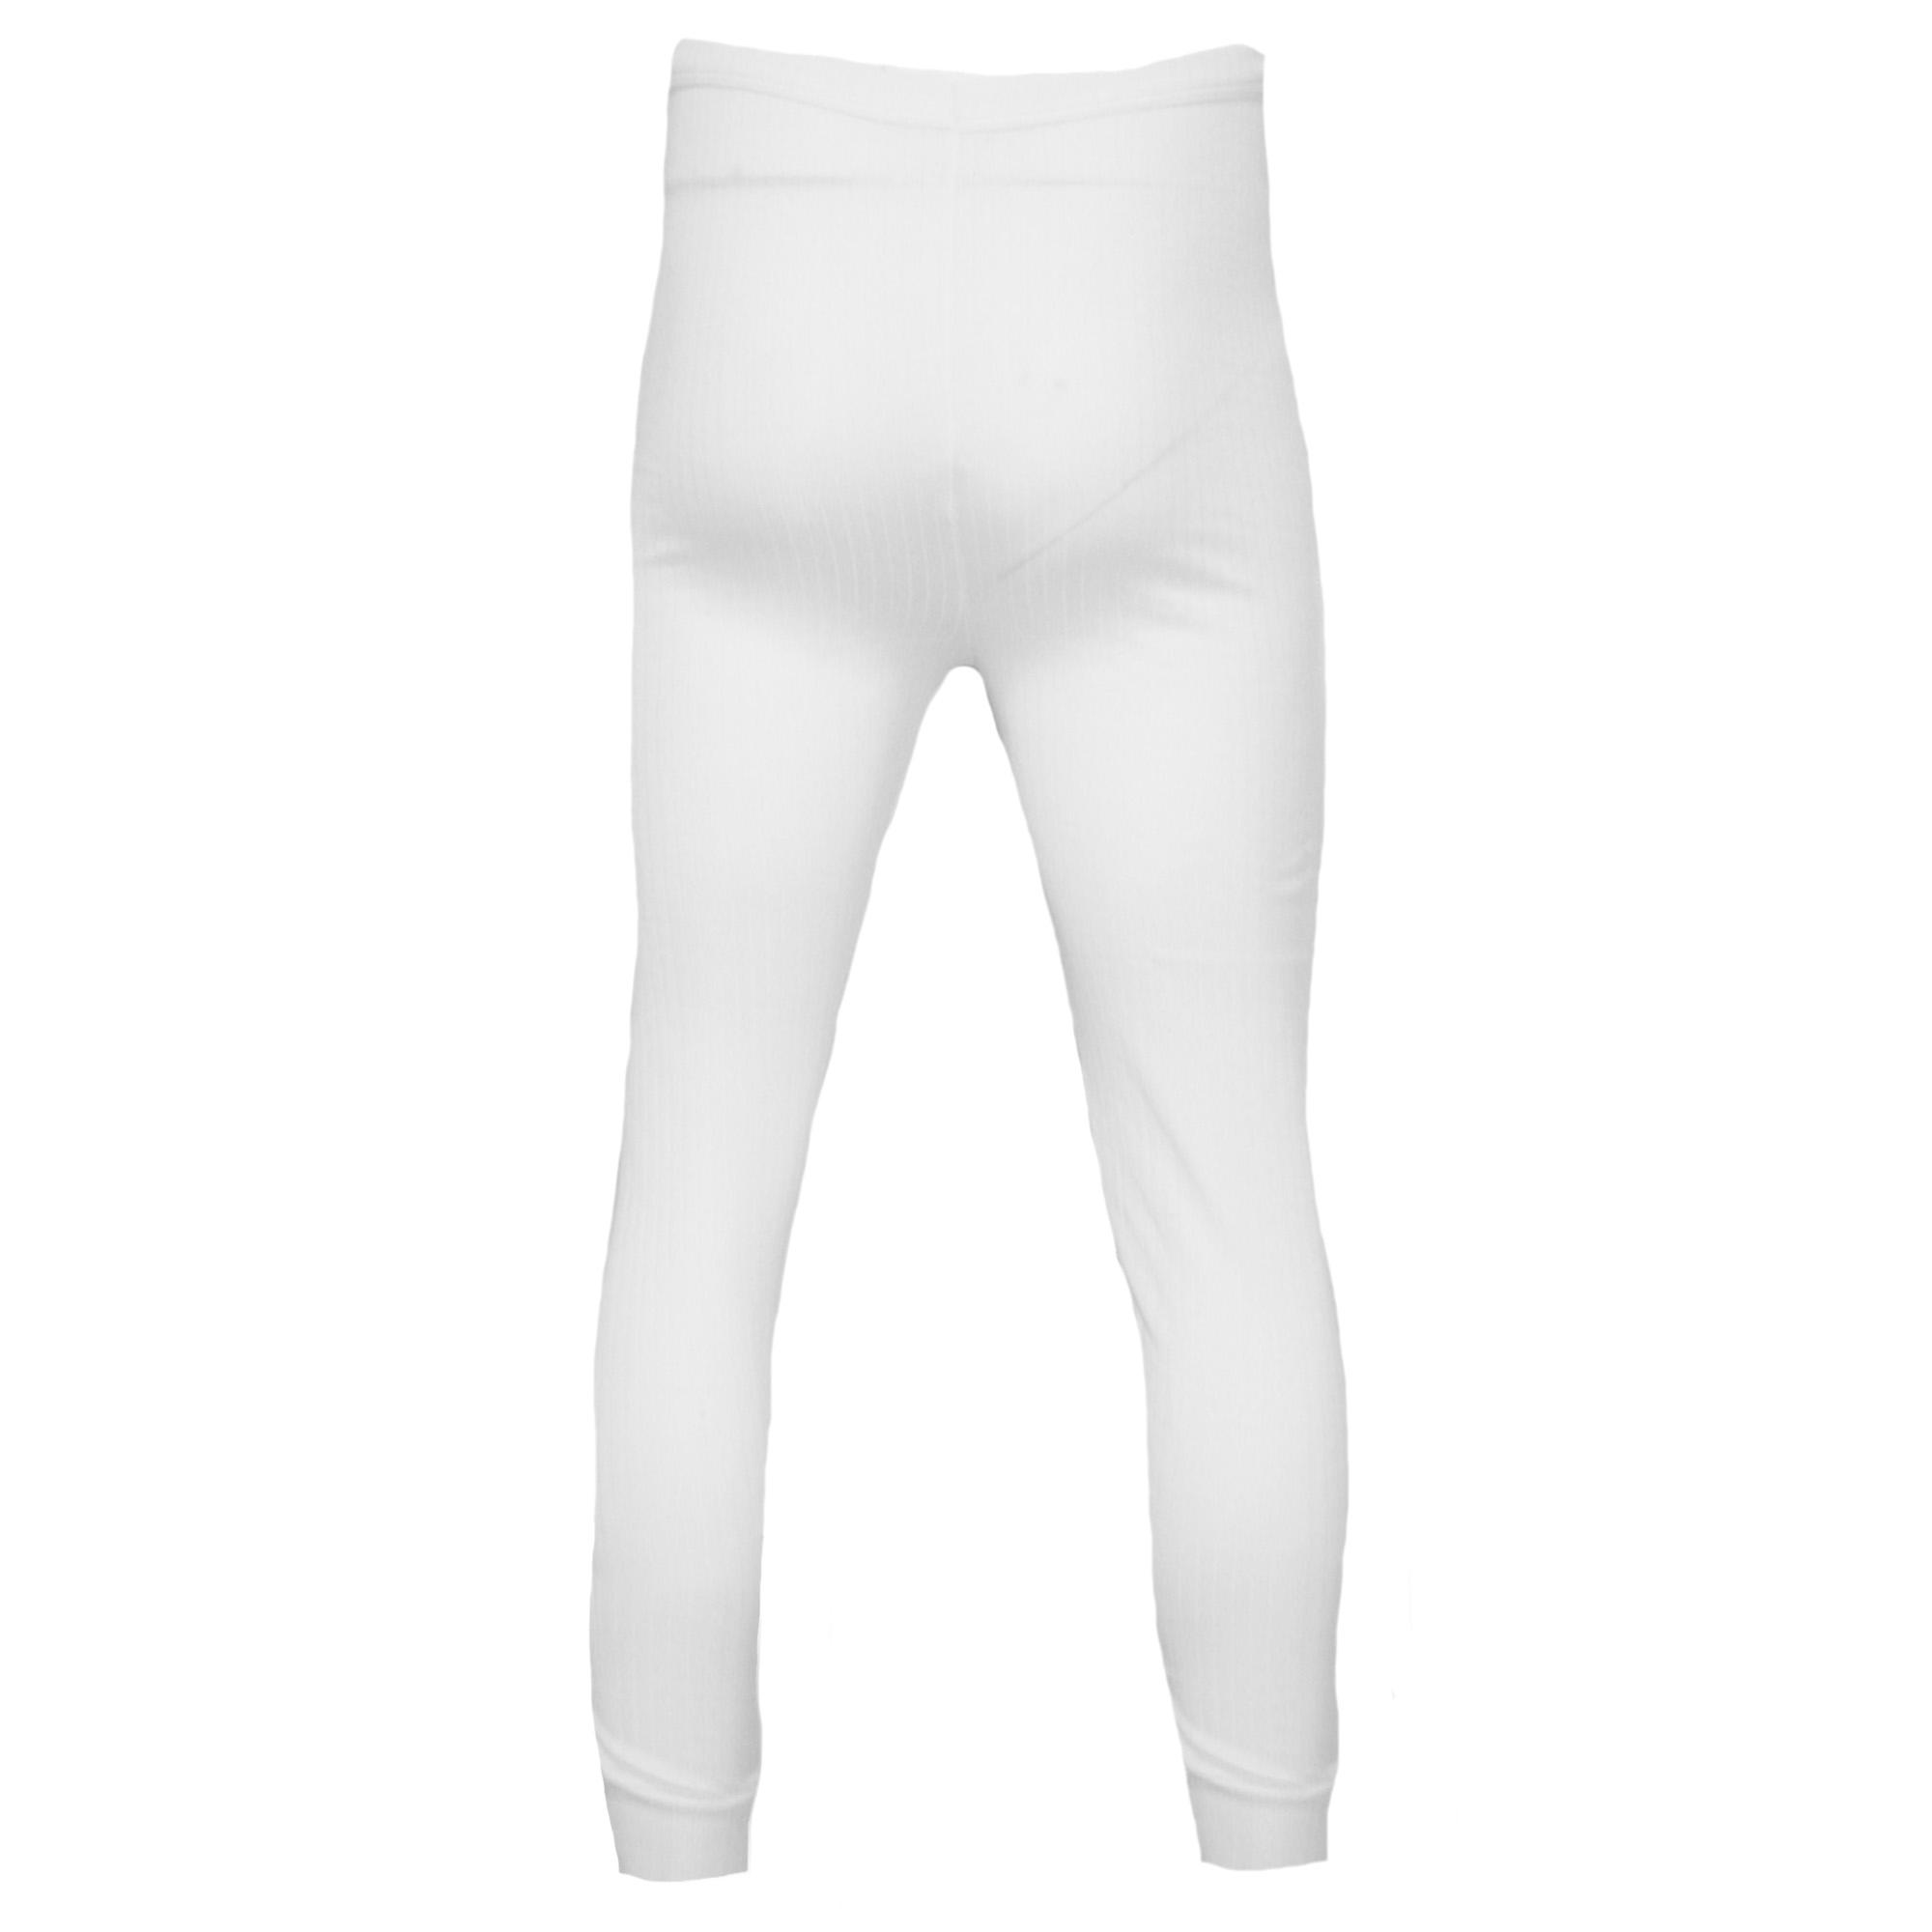 miniature 5 - FLOSO - Sous-pantalon thermique (en viscose) - Homme (S-XL) 3 couleurs (THERM106